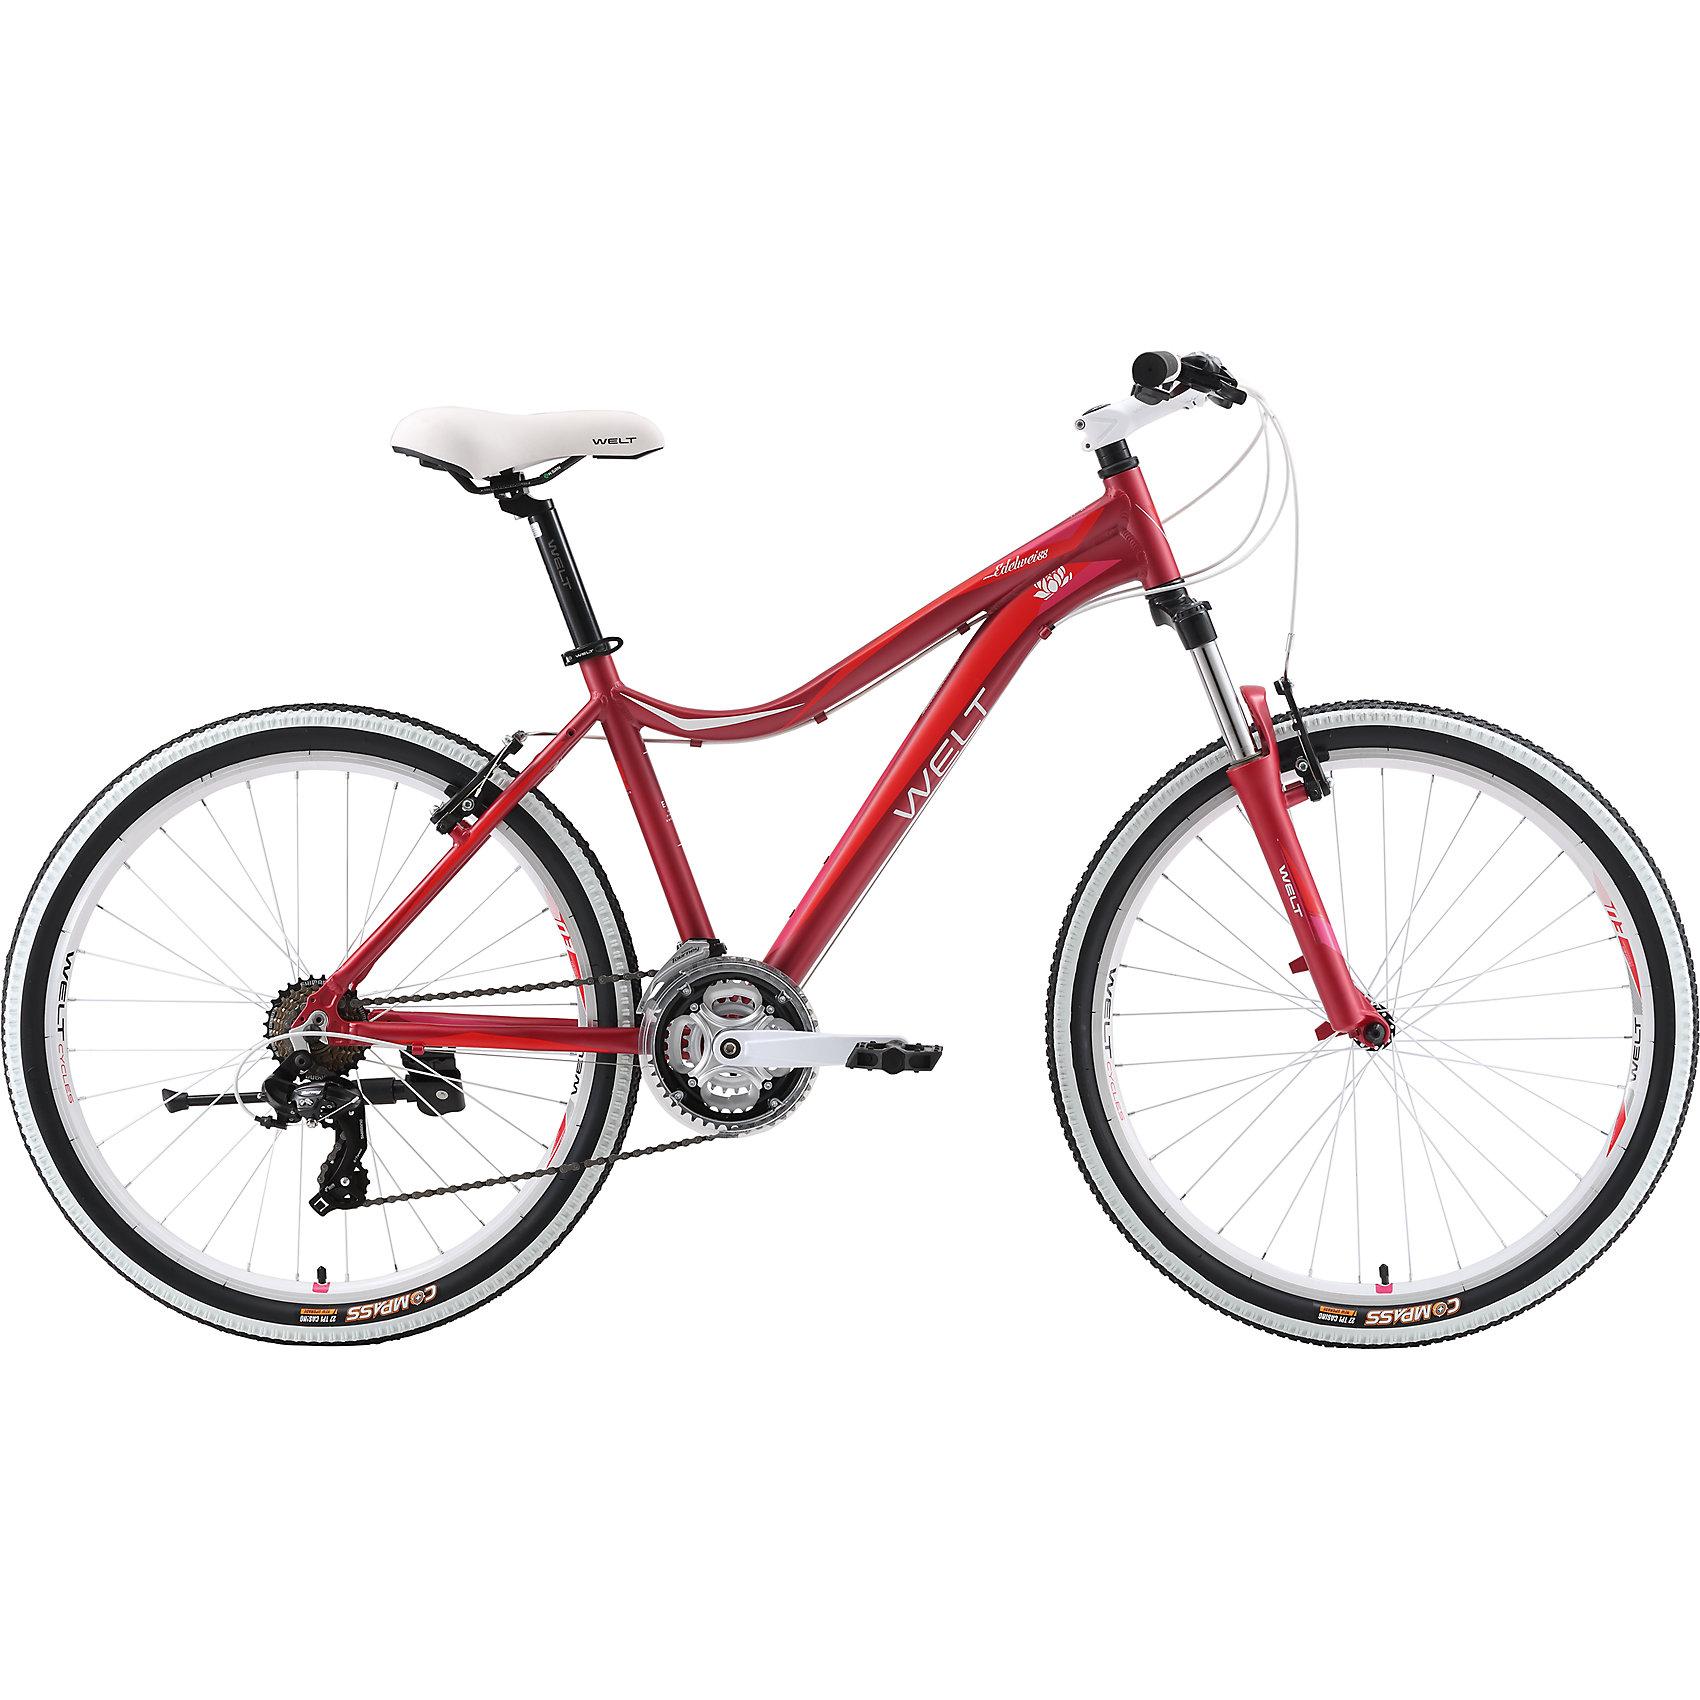 Велосипед  Edelweiss 1.0, 17 дюймов, темно-красный, WeltВелосипеды детские<br>Характеристики товара:<br><br>• цвет: красный<br>• рама: Alloy 6061 <br>• размер рамы: 16,20<br>• диаметр колес: 26<br>• кол-во скоростей: 21<br>• тип вилки: амортизационная<br>• вилка: WELT MRK MLO 100mm<br>• переключатель задний : Shimano TY-300<br>• переключатель передний: Shimano TZ-30<br>• шифтеры: Shimano EF-51<br>• тип тормозов: дисковые механические<br>• тормоза: JAK-5<br>• система:  steel 42/34/24 <br>• кассета: Shimano HG20 12-28T<br>• тип рулевой колонки:  1-1/8 безрезьбовая<br>• покрышки: Compass 26 x 2,1 <br>• страна бренда: Германия <br><br>Велосипед  Edelweiss 1.0 D -это модель, которая создана  для кросс-кантри. Большие колеса, мягкая амортизация позволят преодолеть путь, проходящий по загородному бездорожью. <br><br>Велосипед  Edelweiss 1.0 D, 17 дюймов, красный, Welt можно купить в нашем интернет-магазине.<br><br>Ширина мм: 1450<br>Глубина мм: 200<br>Высота мм: 800<br>Вес г: 16500<br>Возраст от месяцев: 48<br>Возраст до месяцев: 2147483647<br>Пол: Женский<br>Возраст: Детский<br>SKU: 5569416